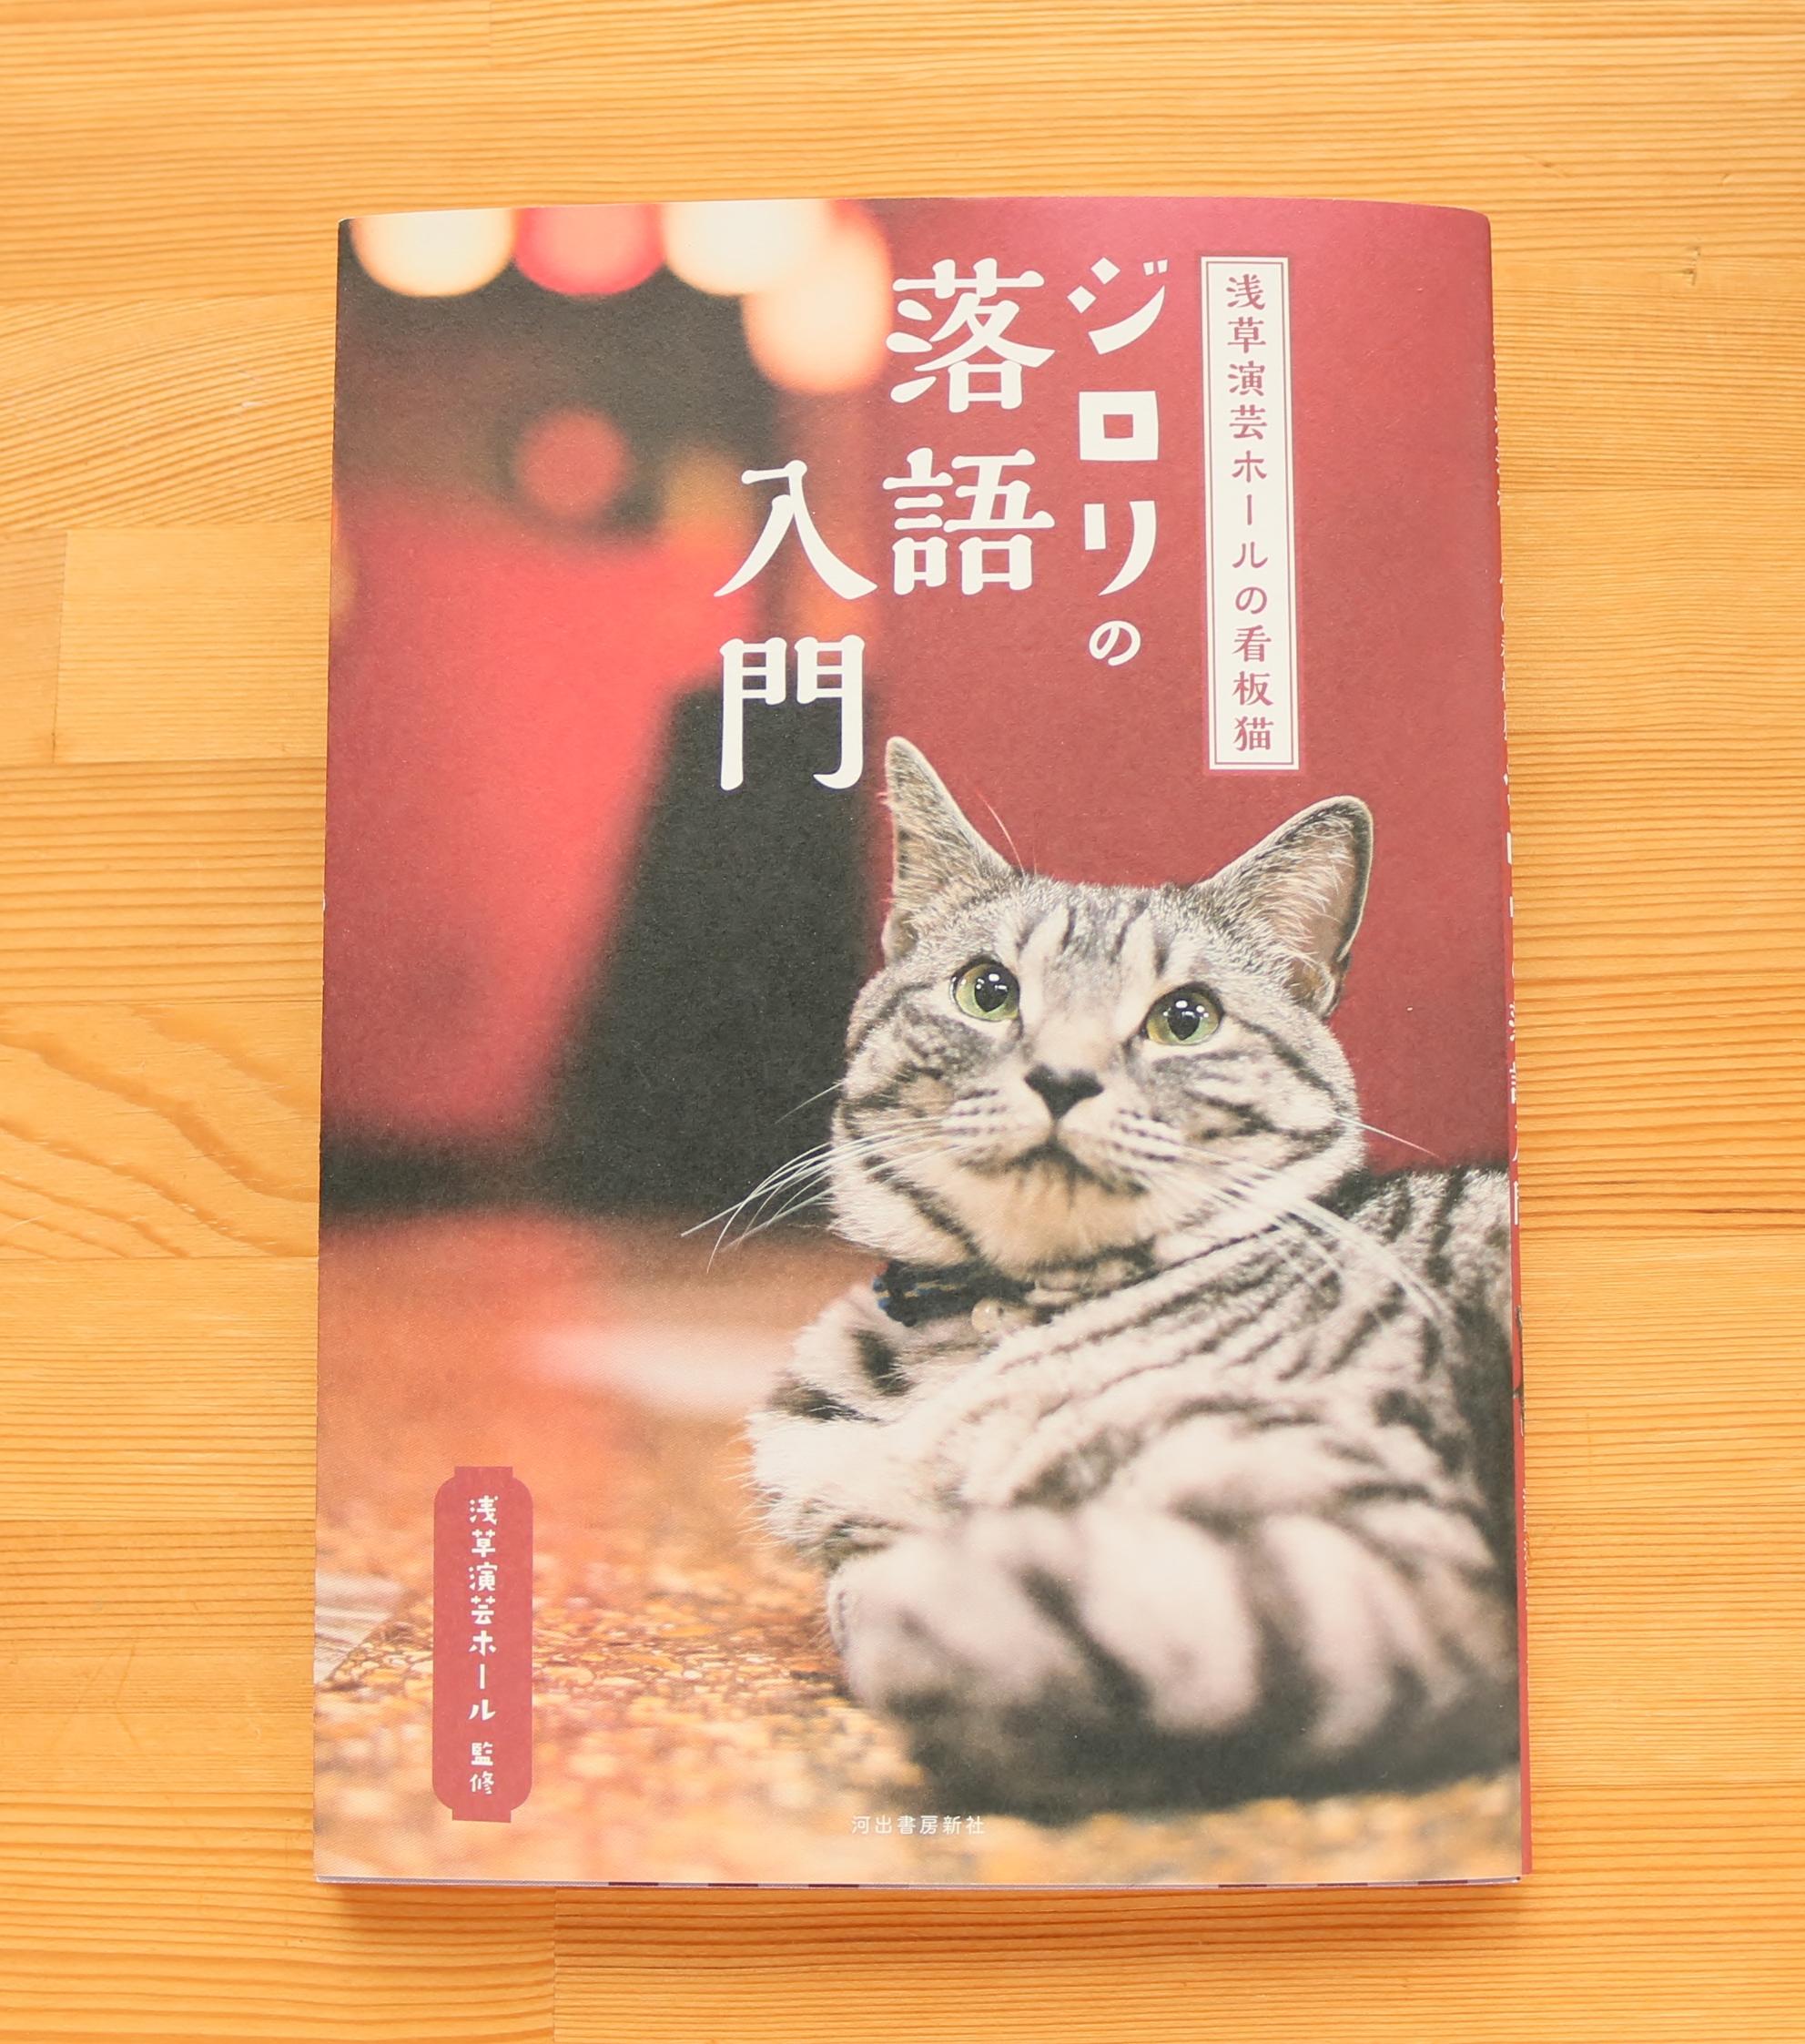 ジロリの落語入門 猫絵本 絵本 秋田 かぎしっぽ